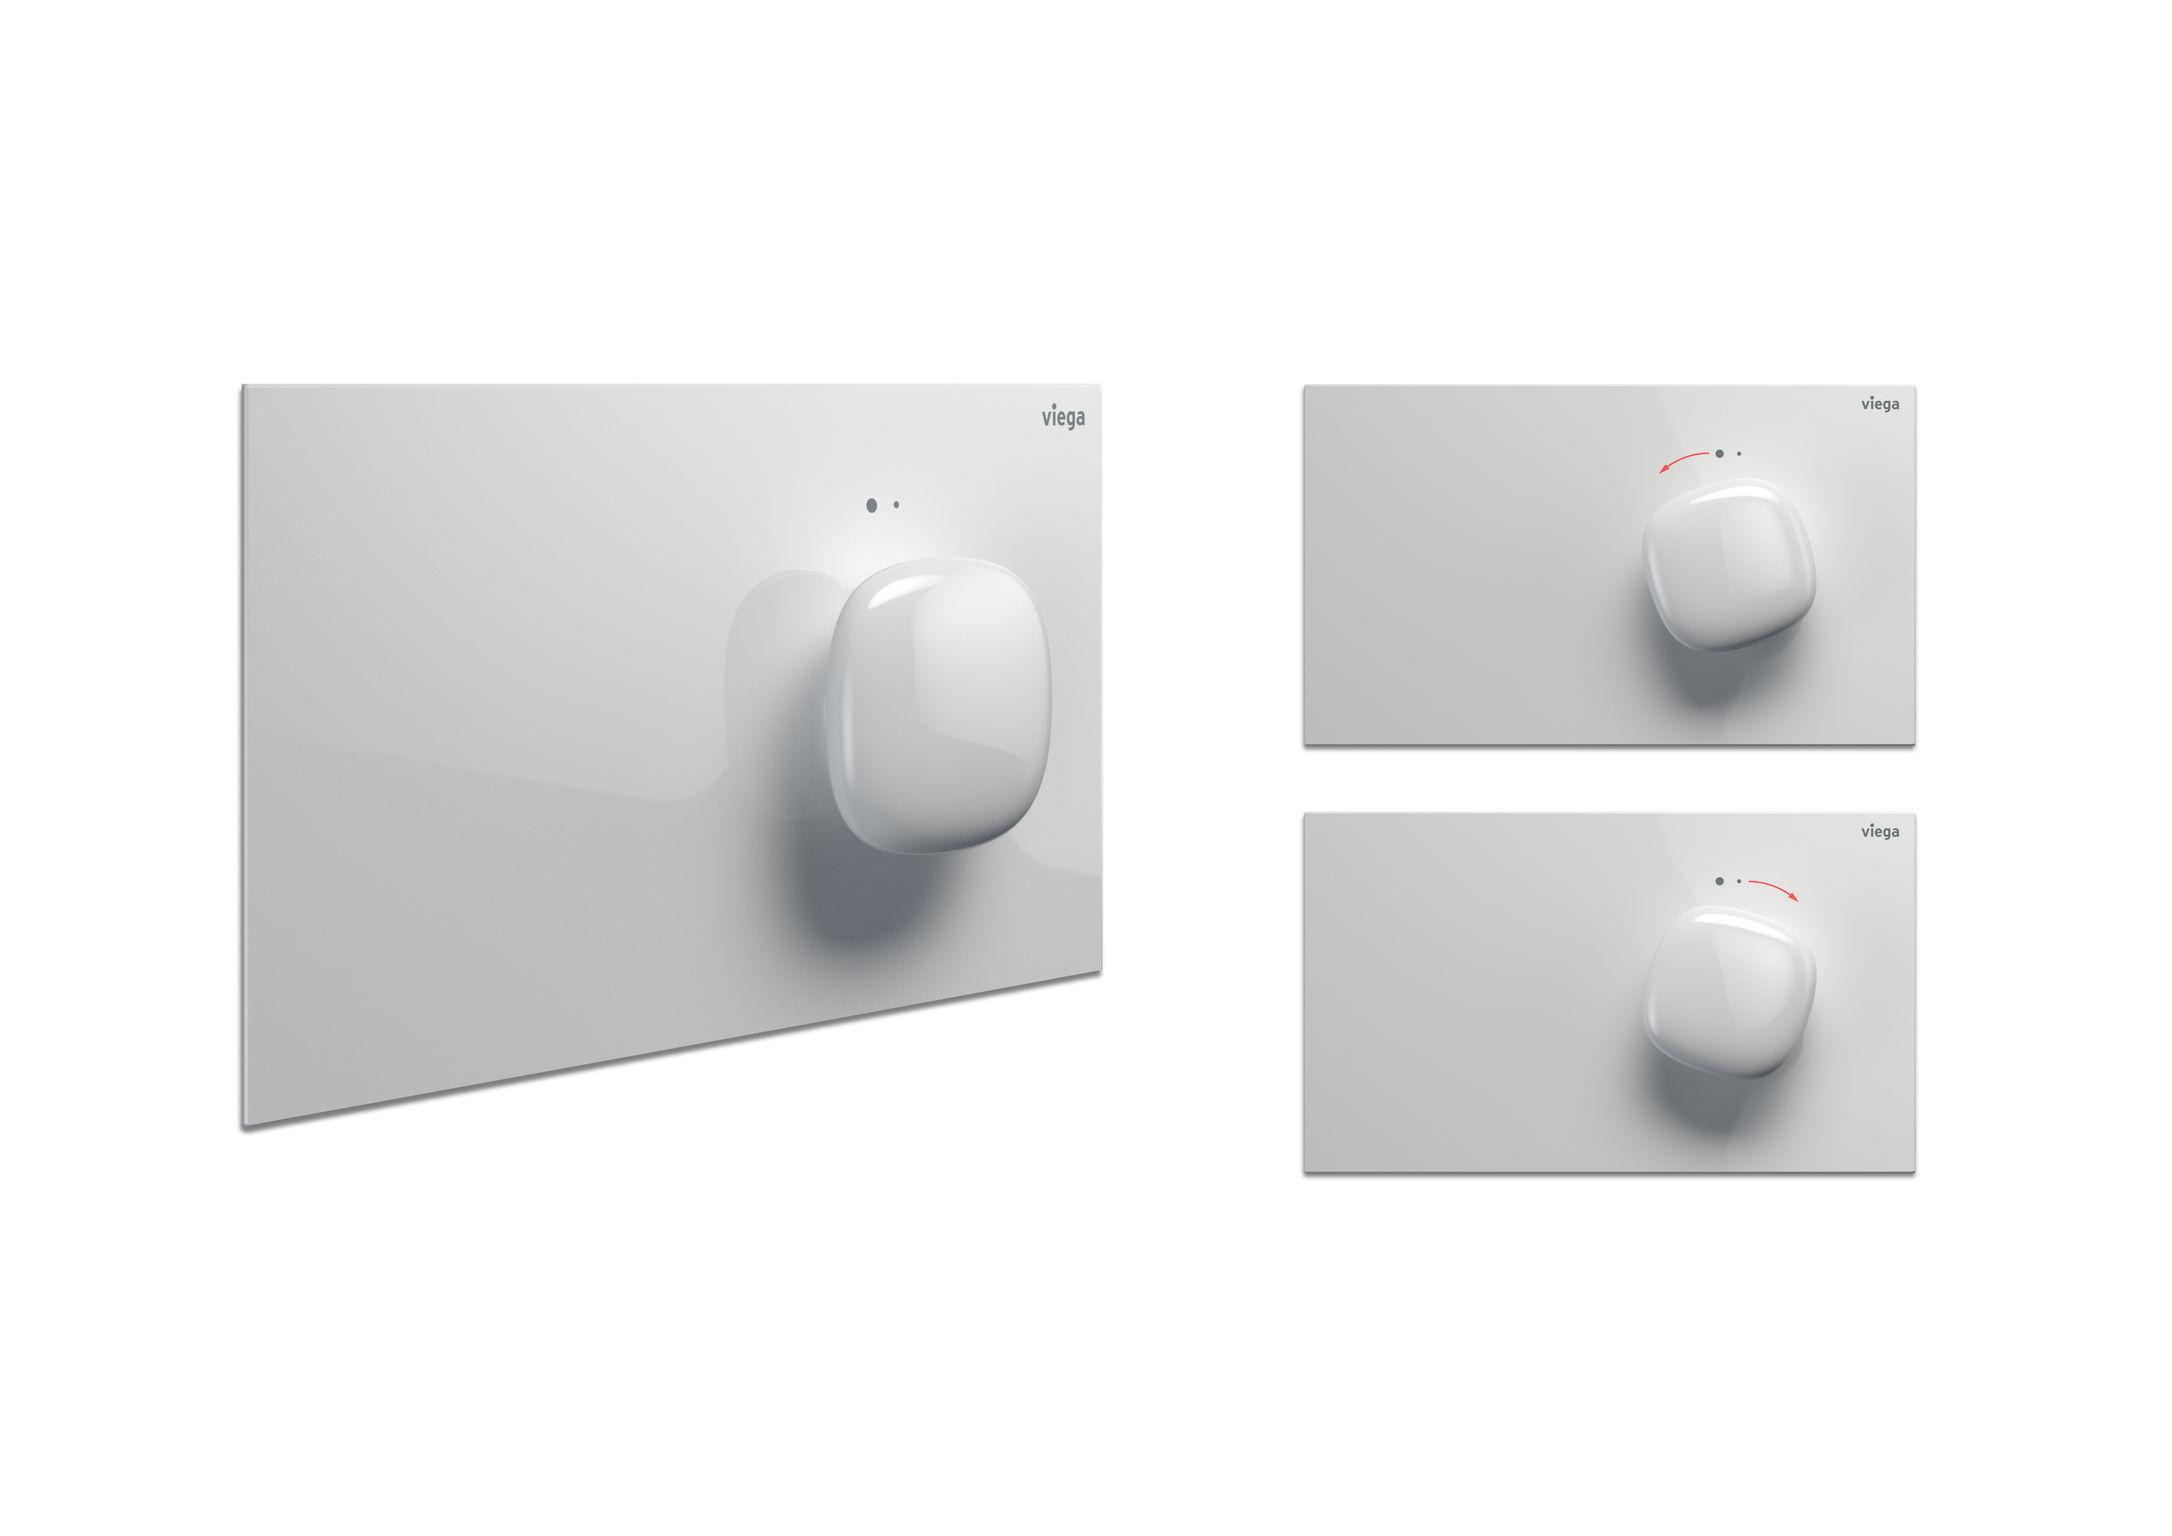 Viega WC bedieningsplaat Visign for More 202 #design #ifaward